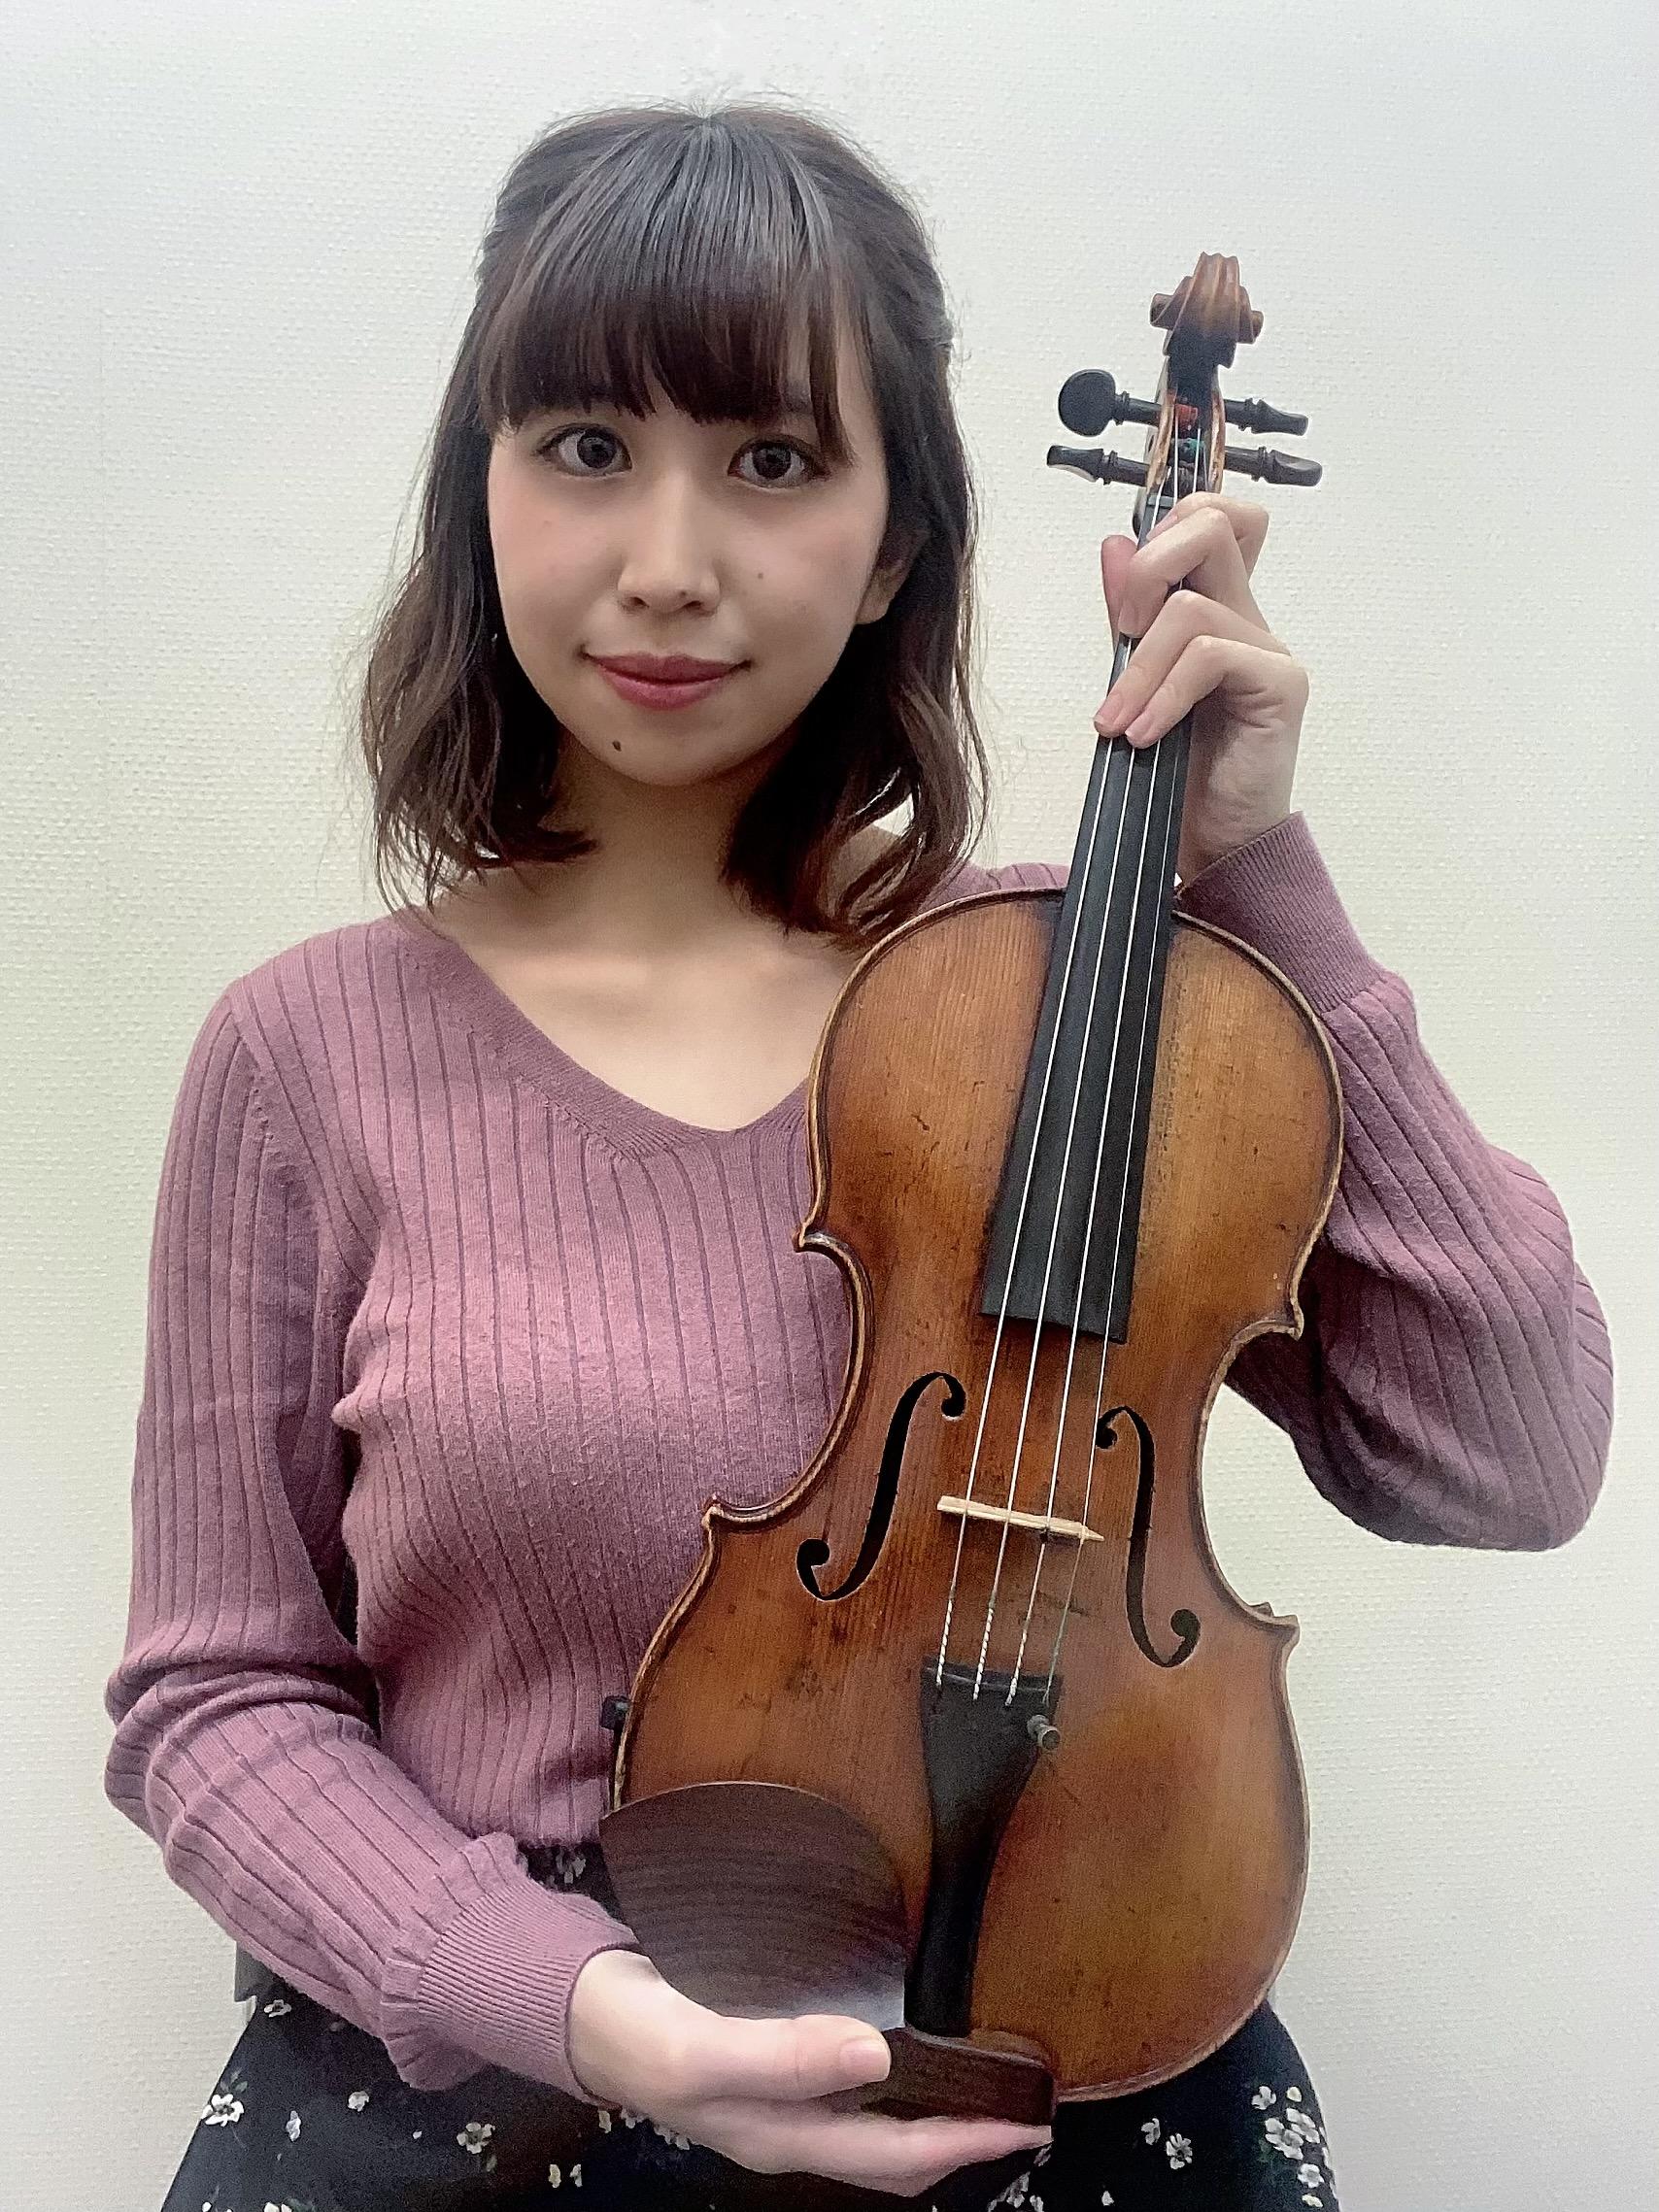 赤羽 ヴァイオリン 板橋 レッスン